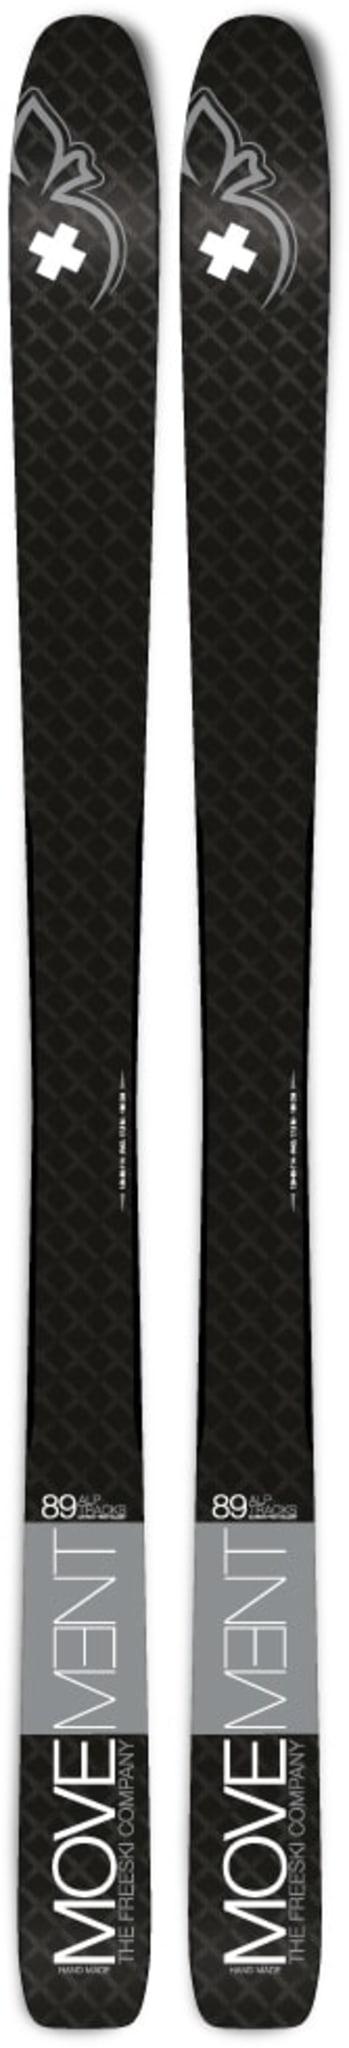 ALP TRACKS 89 LTD & Marker Alpinist 12